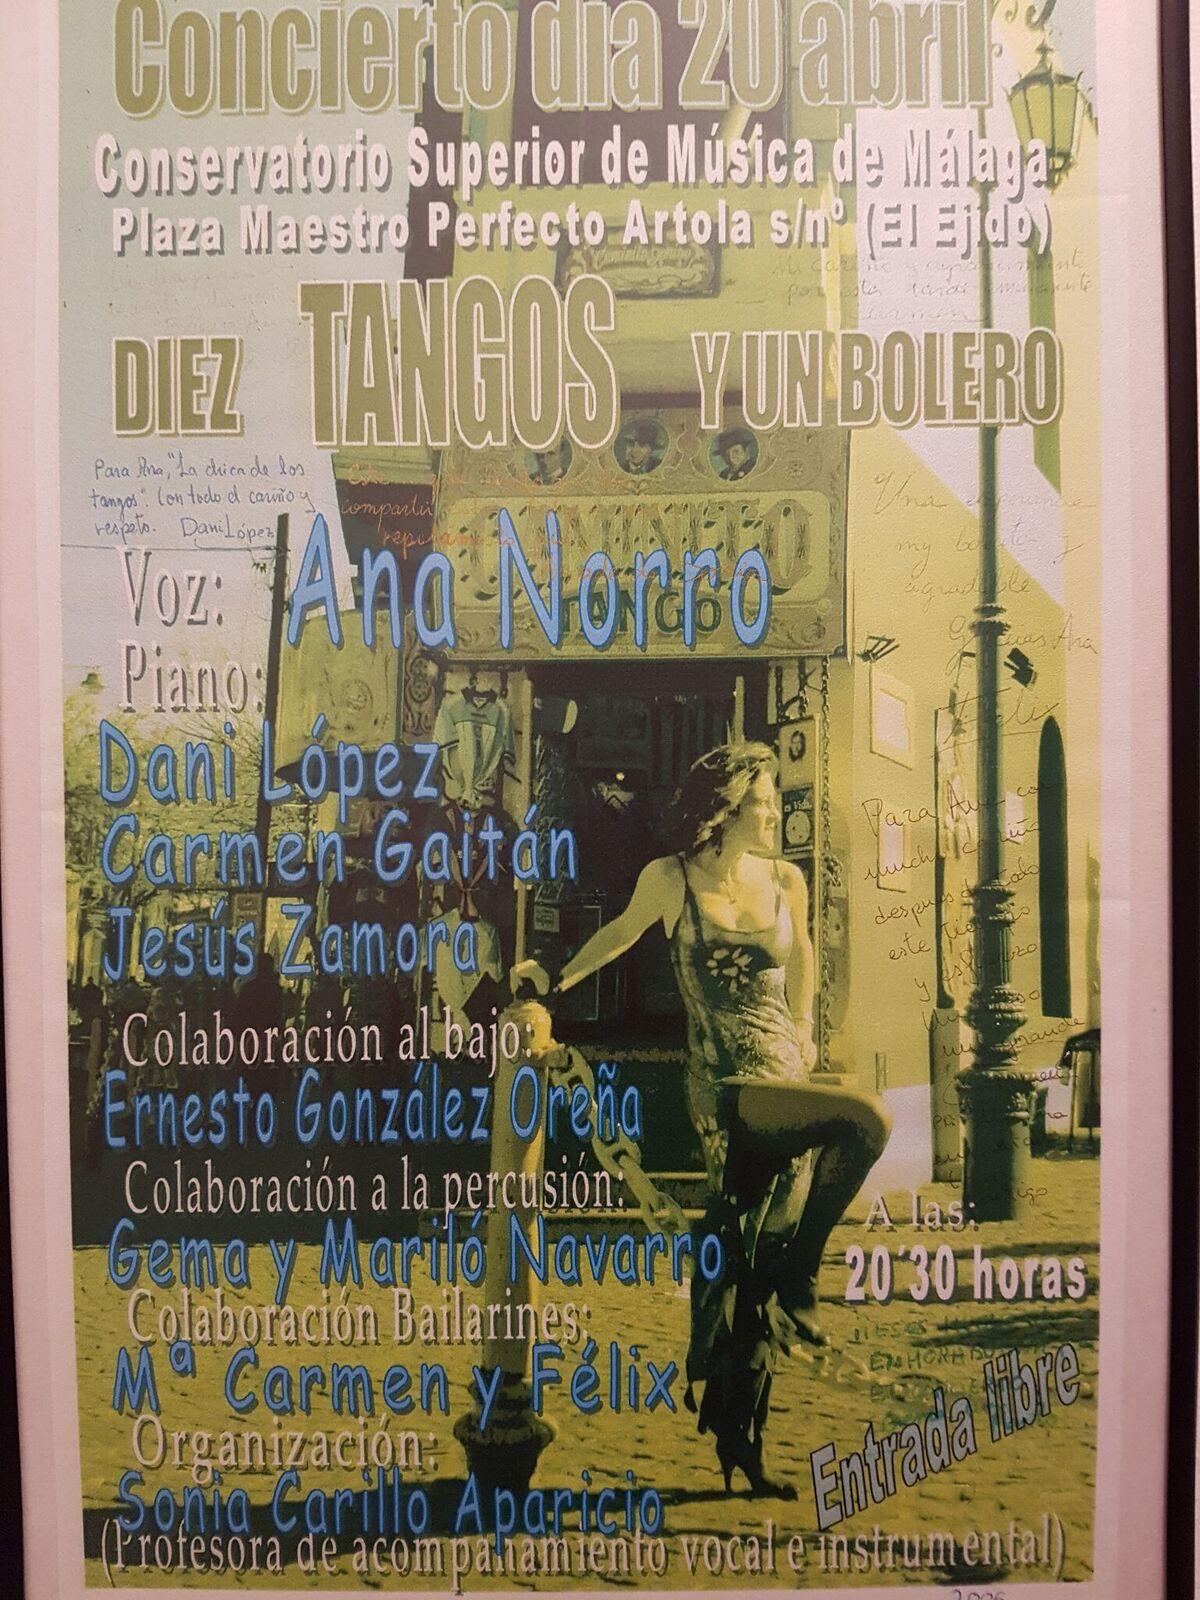 Ana-Norro-Ventrilocua-Cantante-Tango